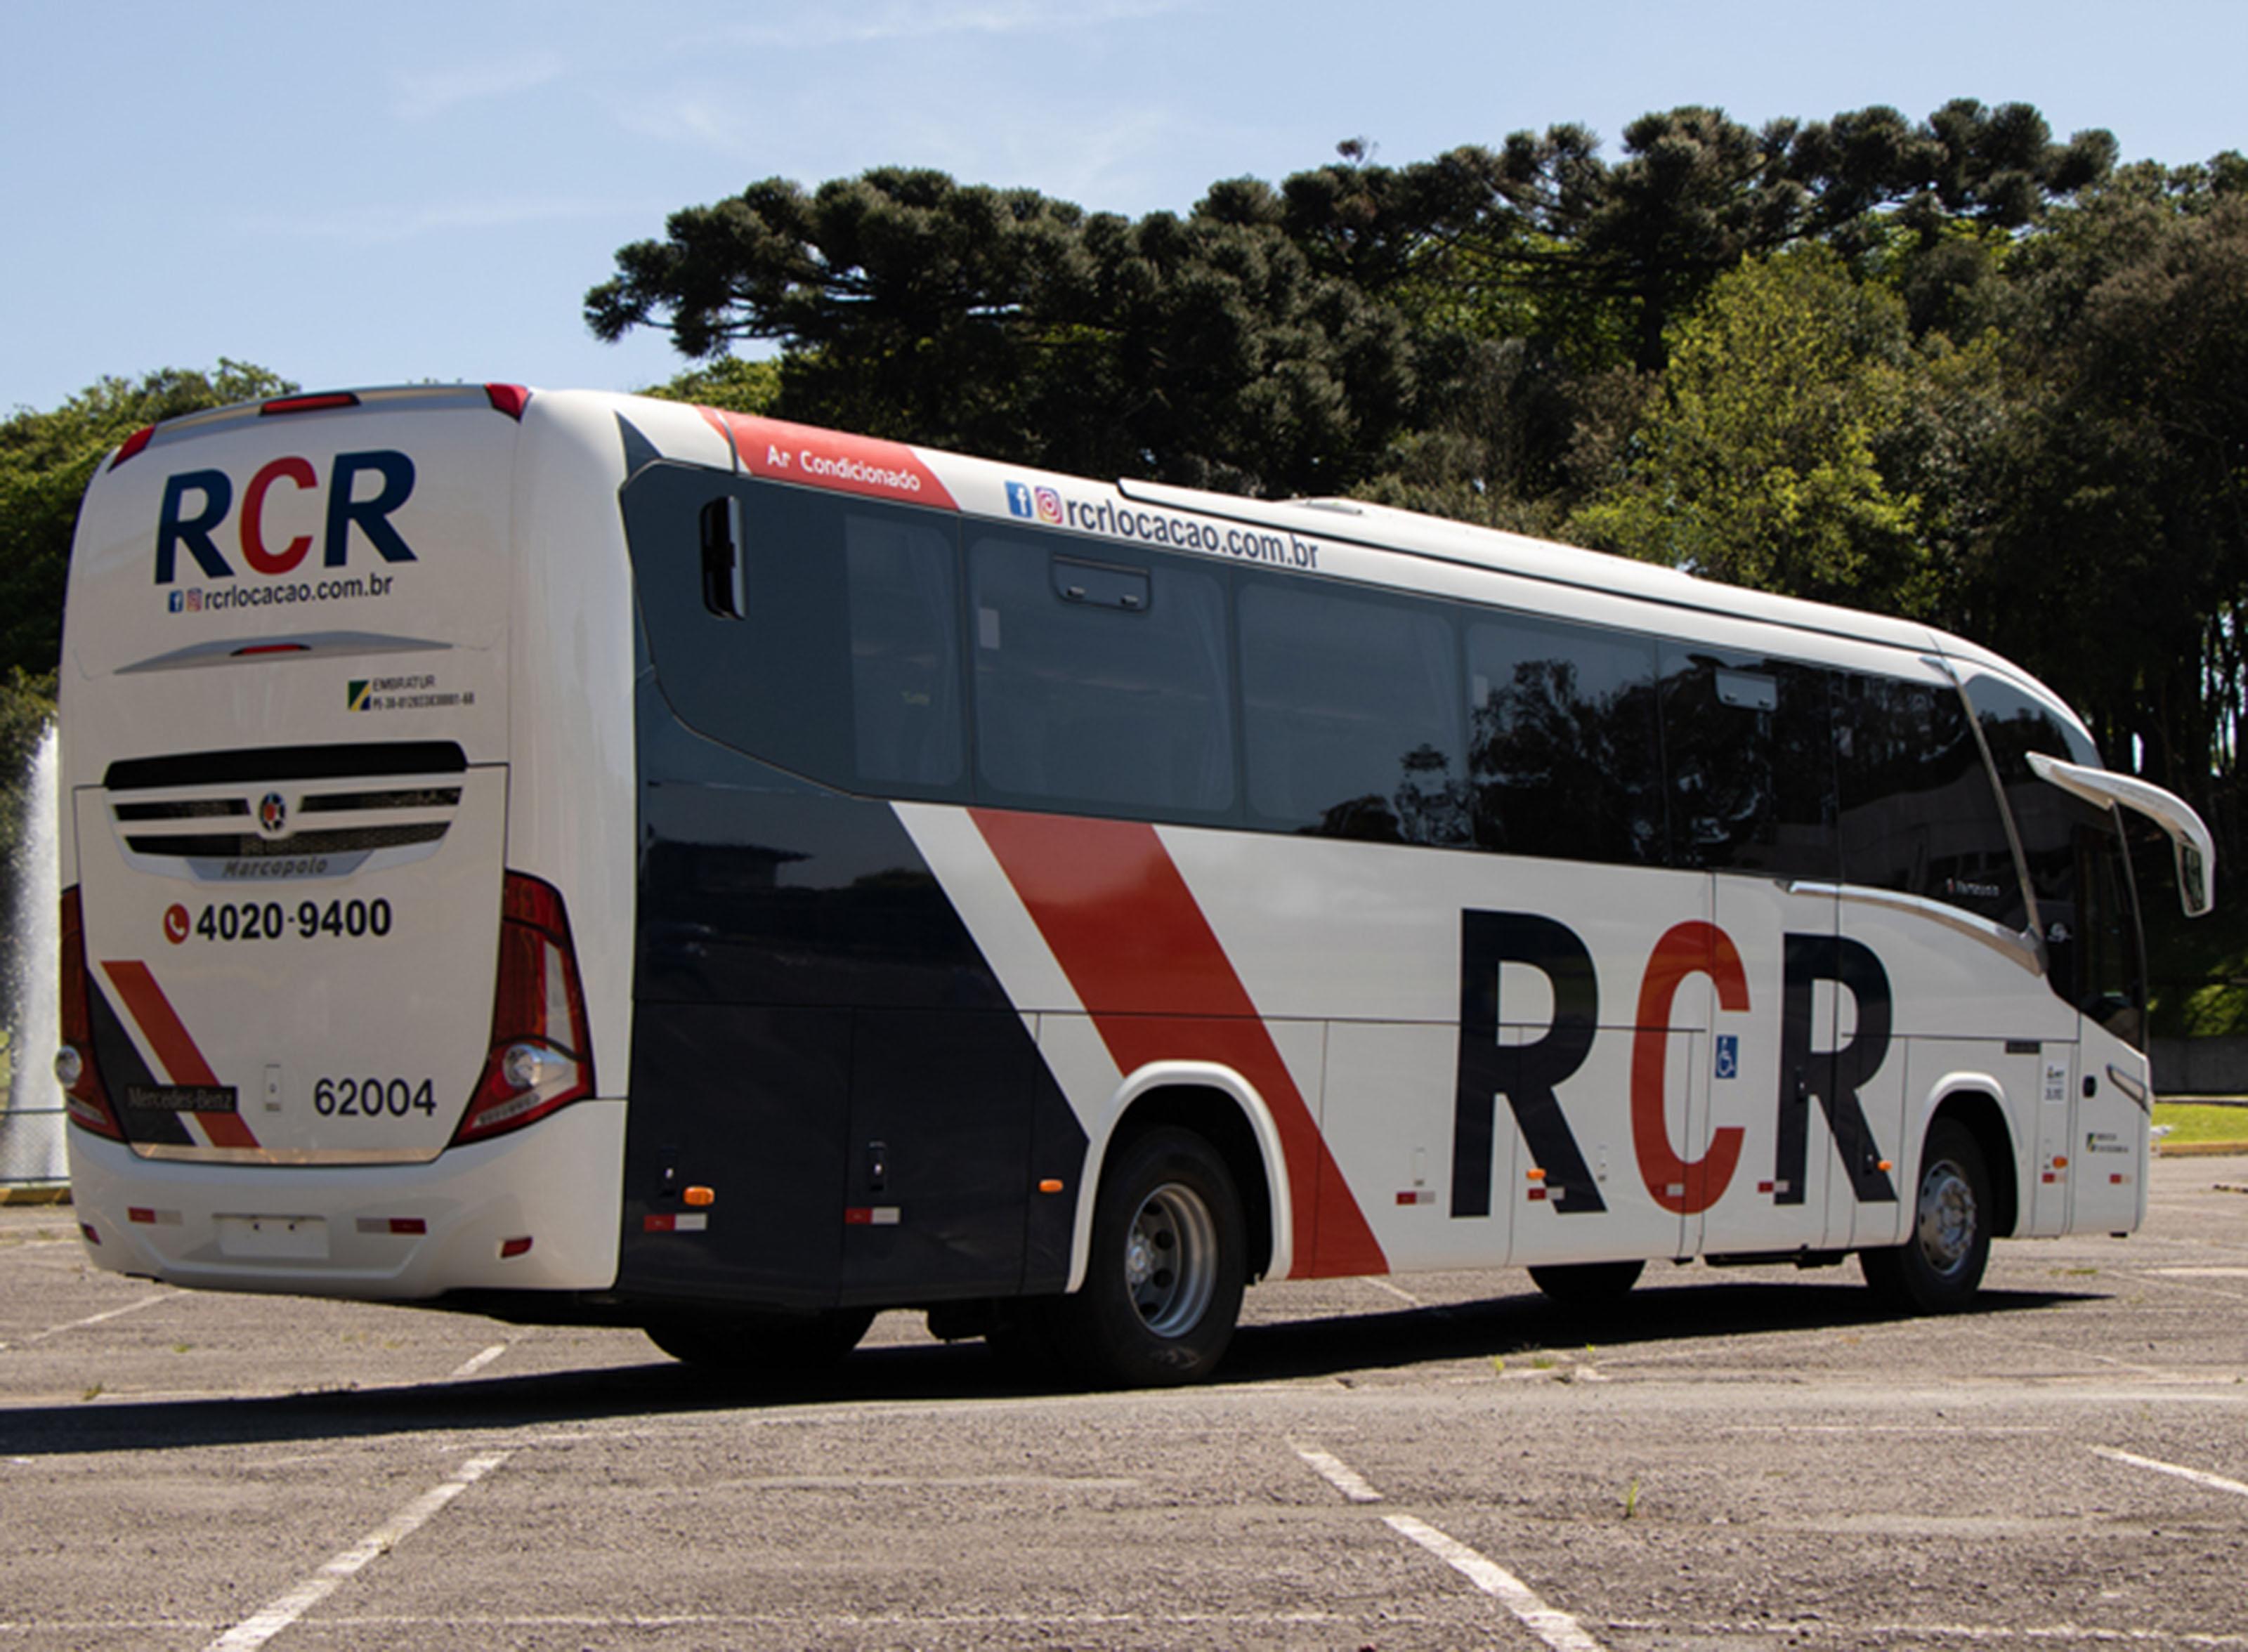 26102020 Marcopolo RCR_2